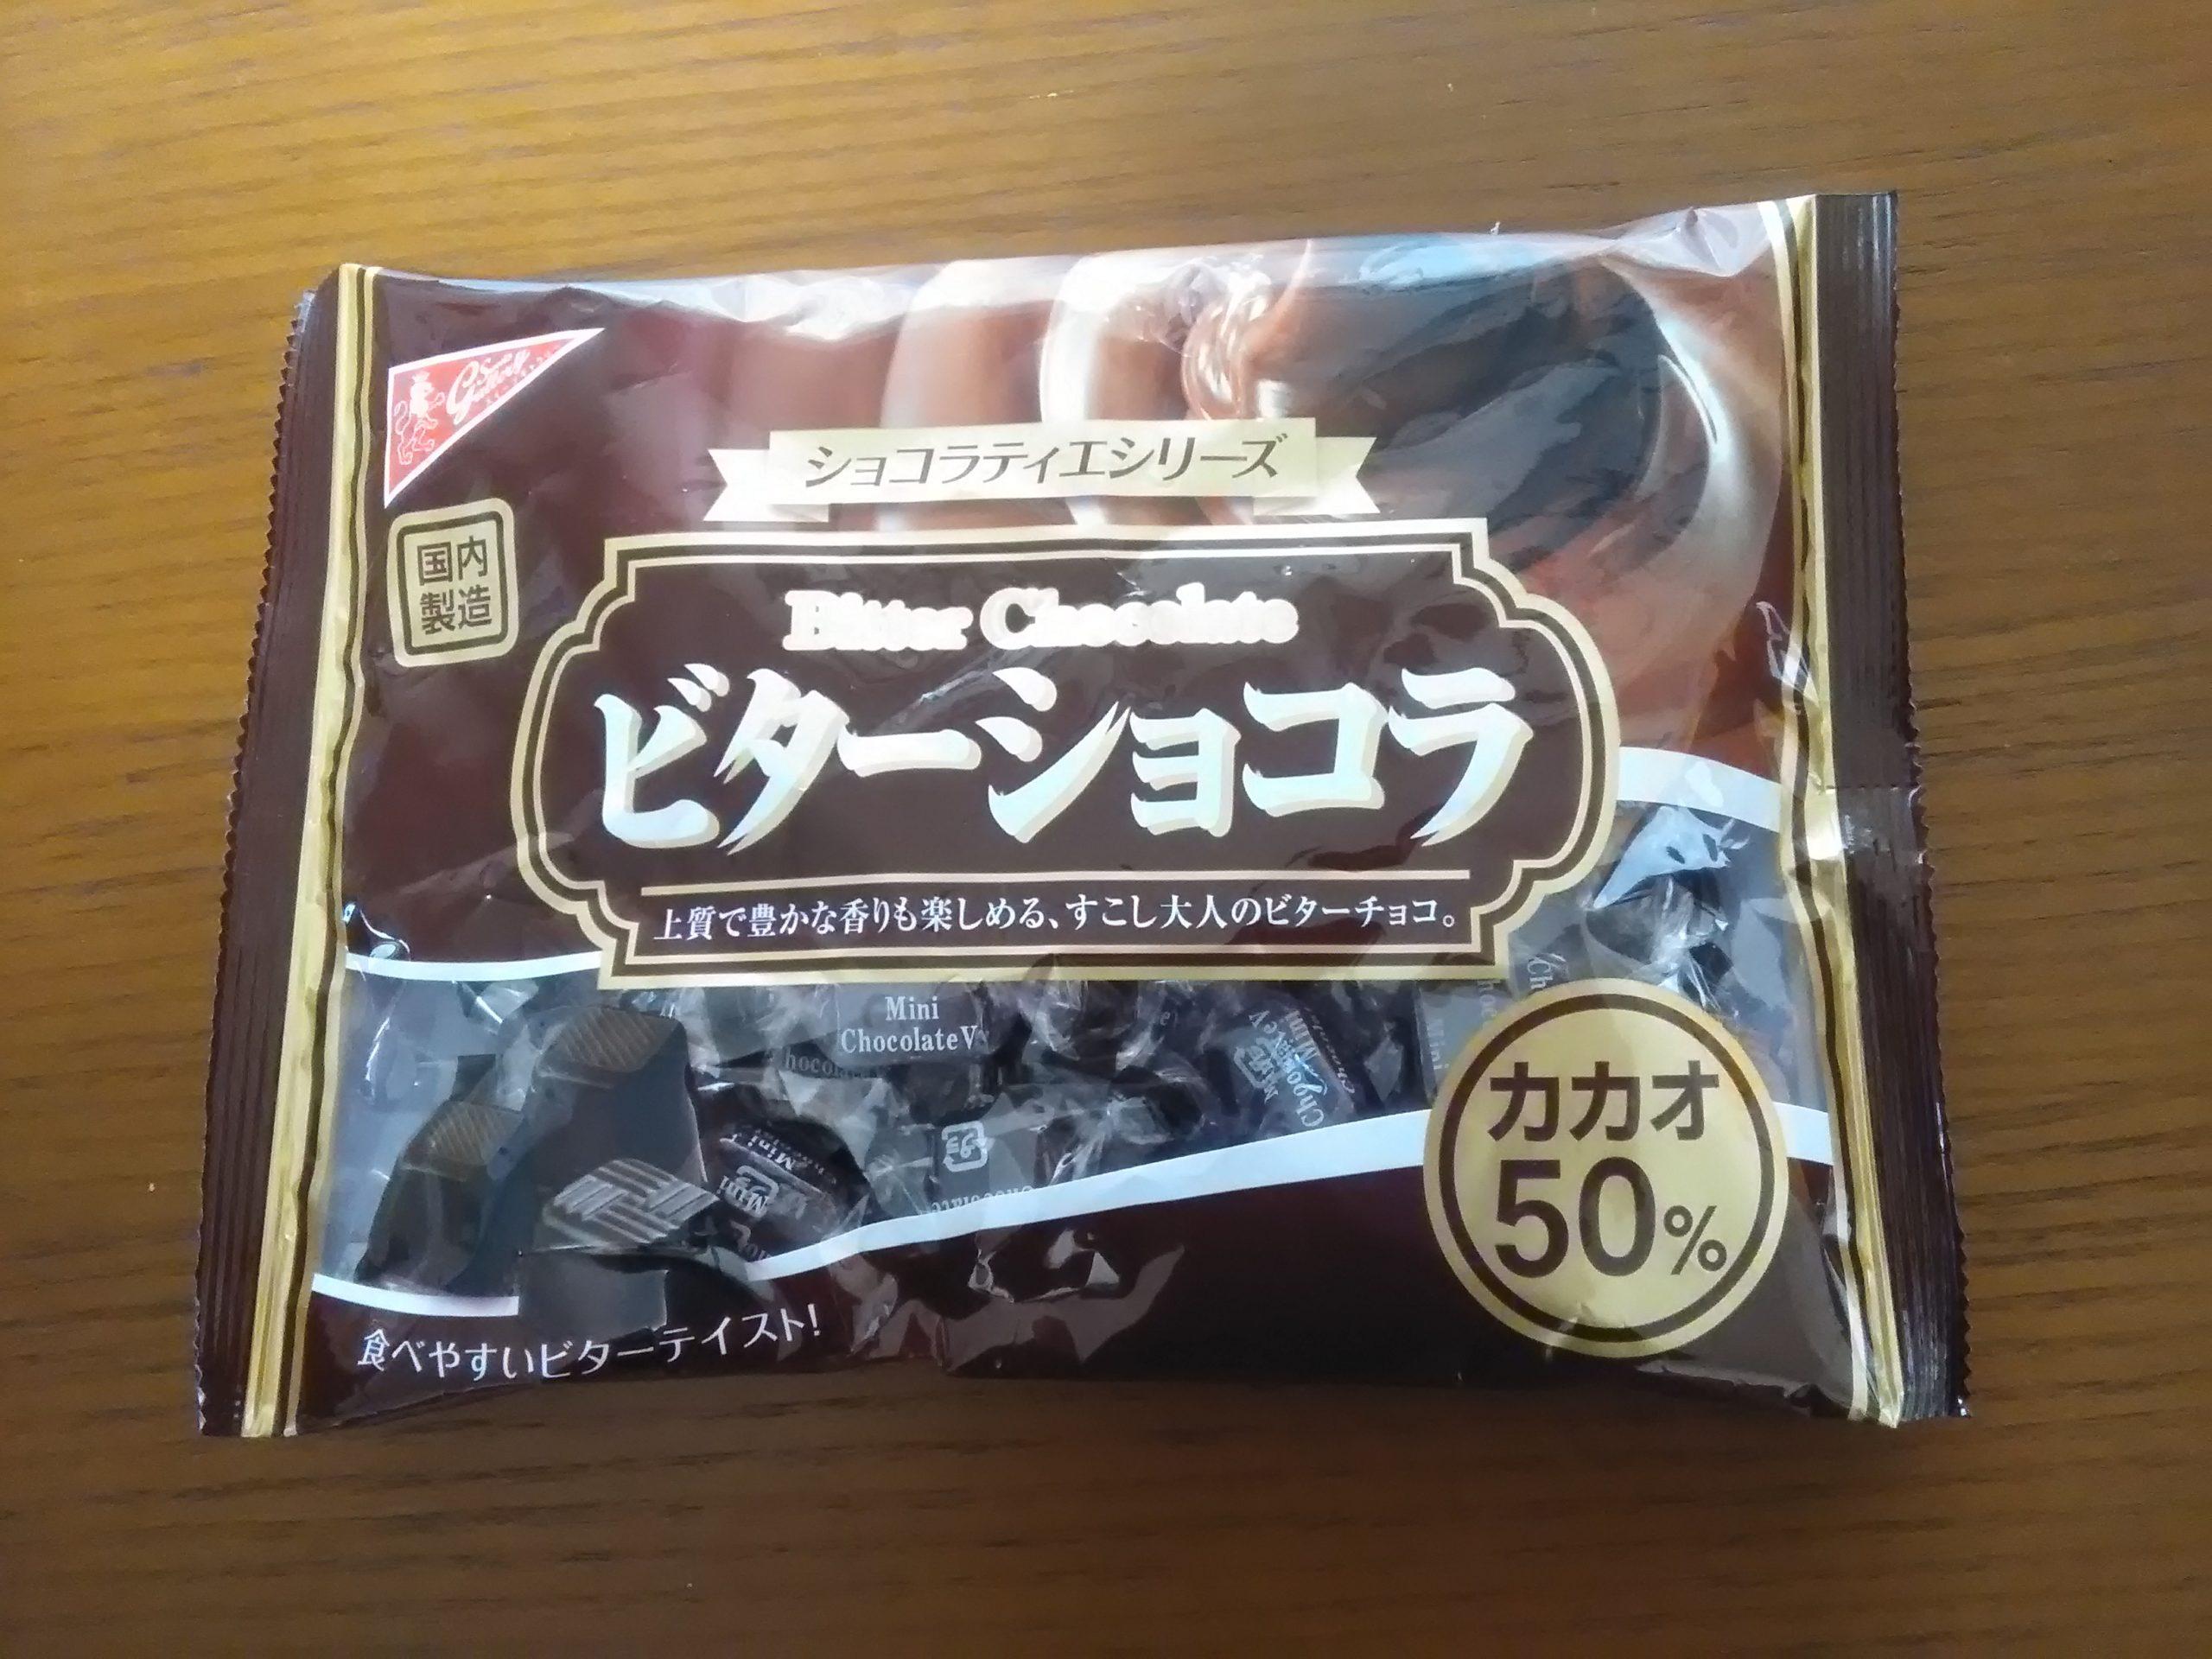 ゲンキーのおすすめチョコレート1-1